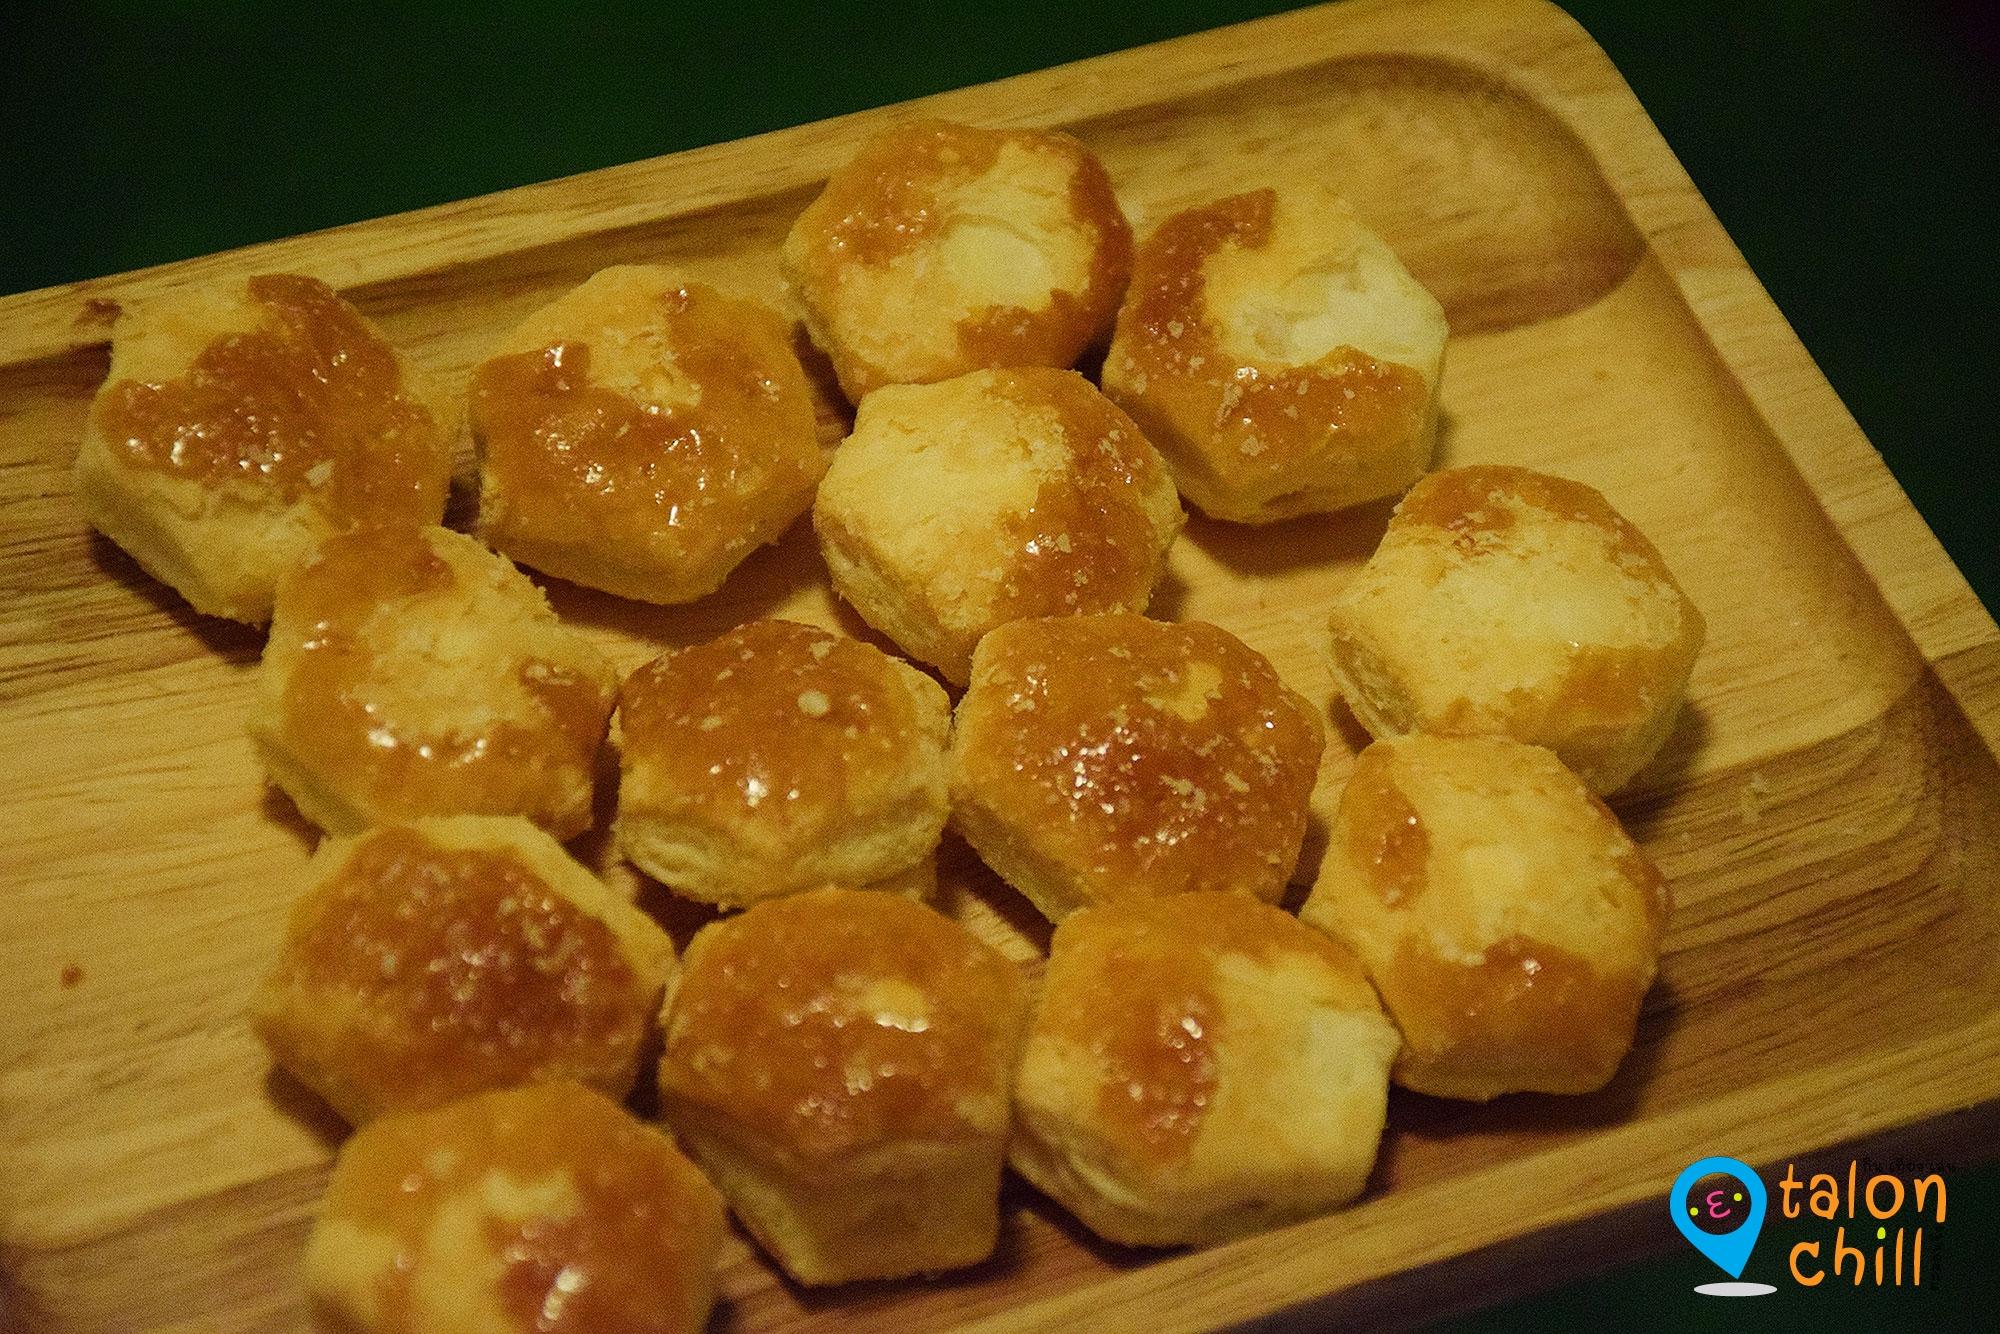 [แกะหนม] LOTTE PIE NO MI (พาย โน มิ) ขนมปังกรอบสอดไส้